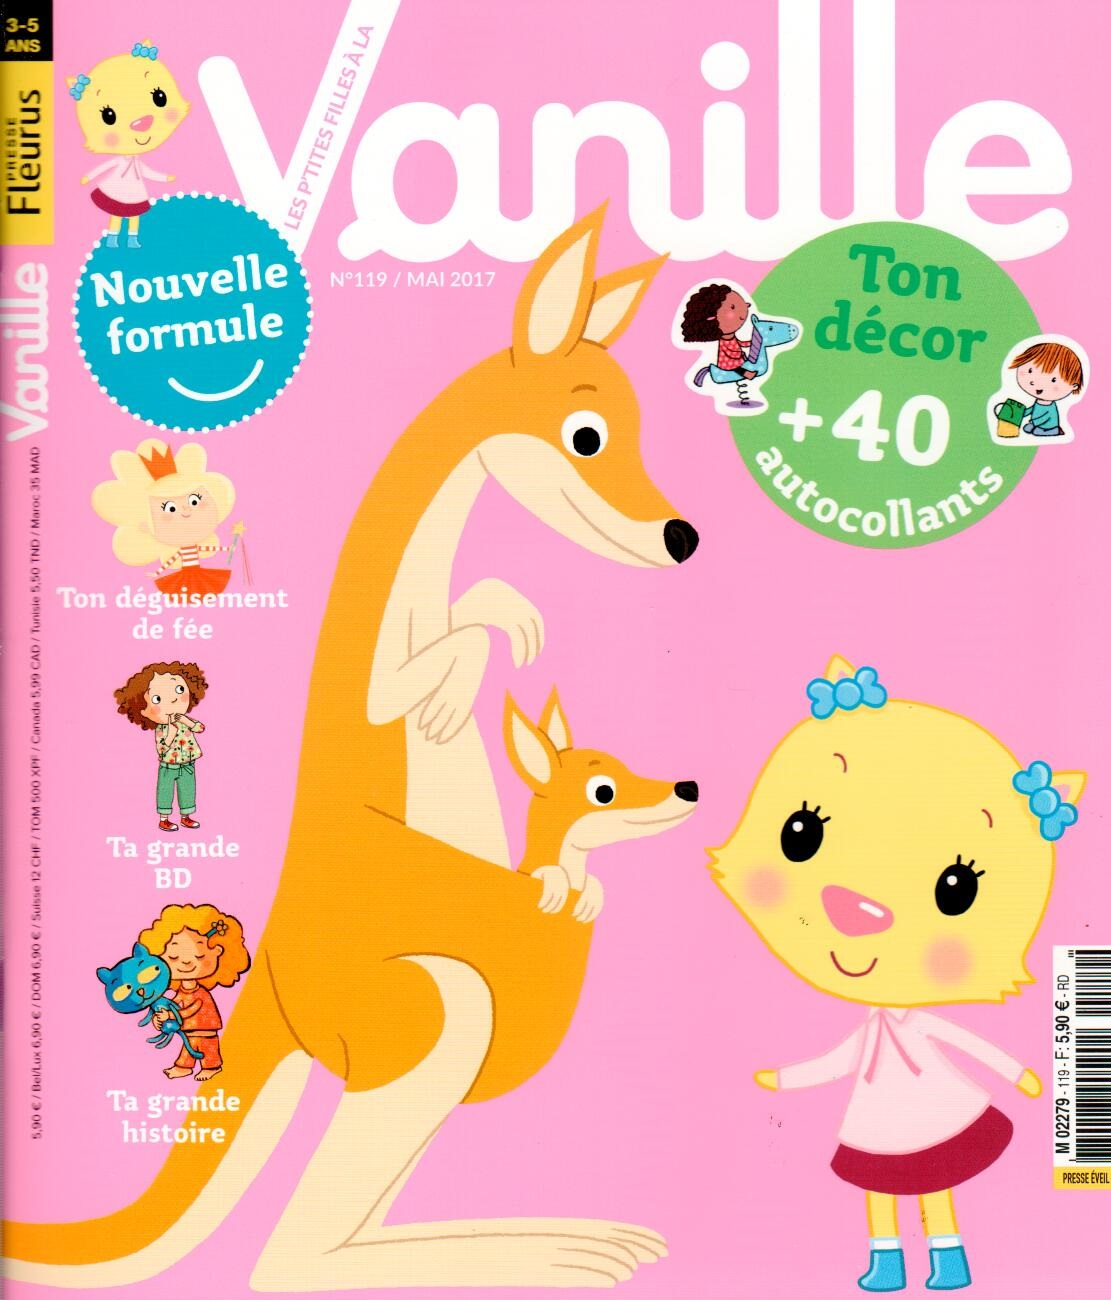 Les P'tites filles à la vanille N° 119 Avril 2017